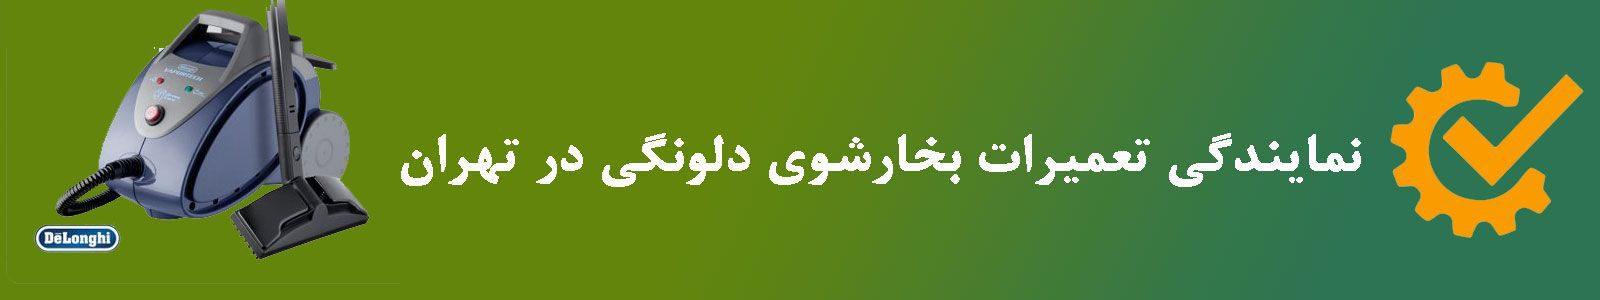 نمایندگی تعمیرات بخارشوی دلونگی در تهران